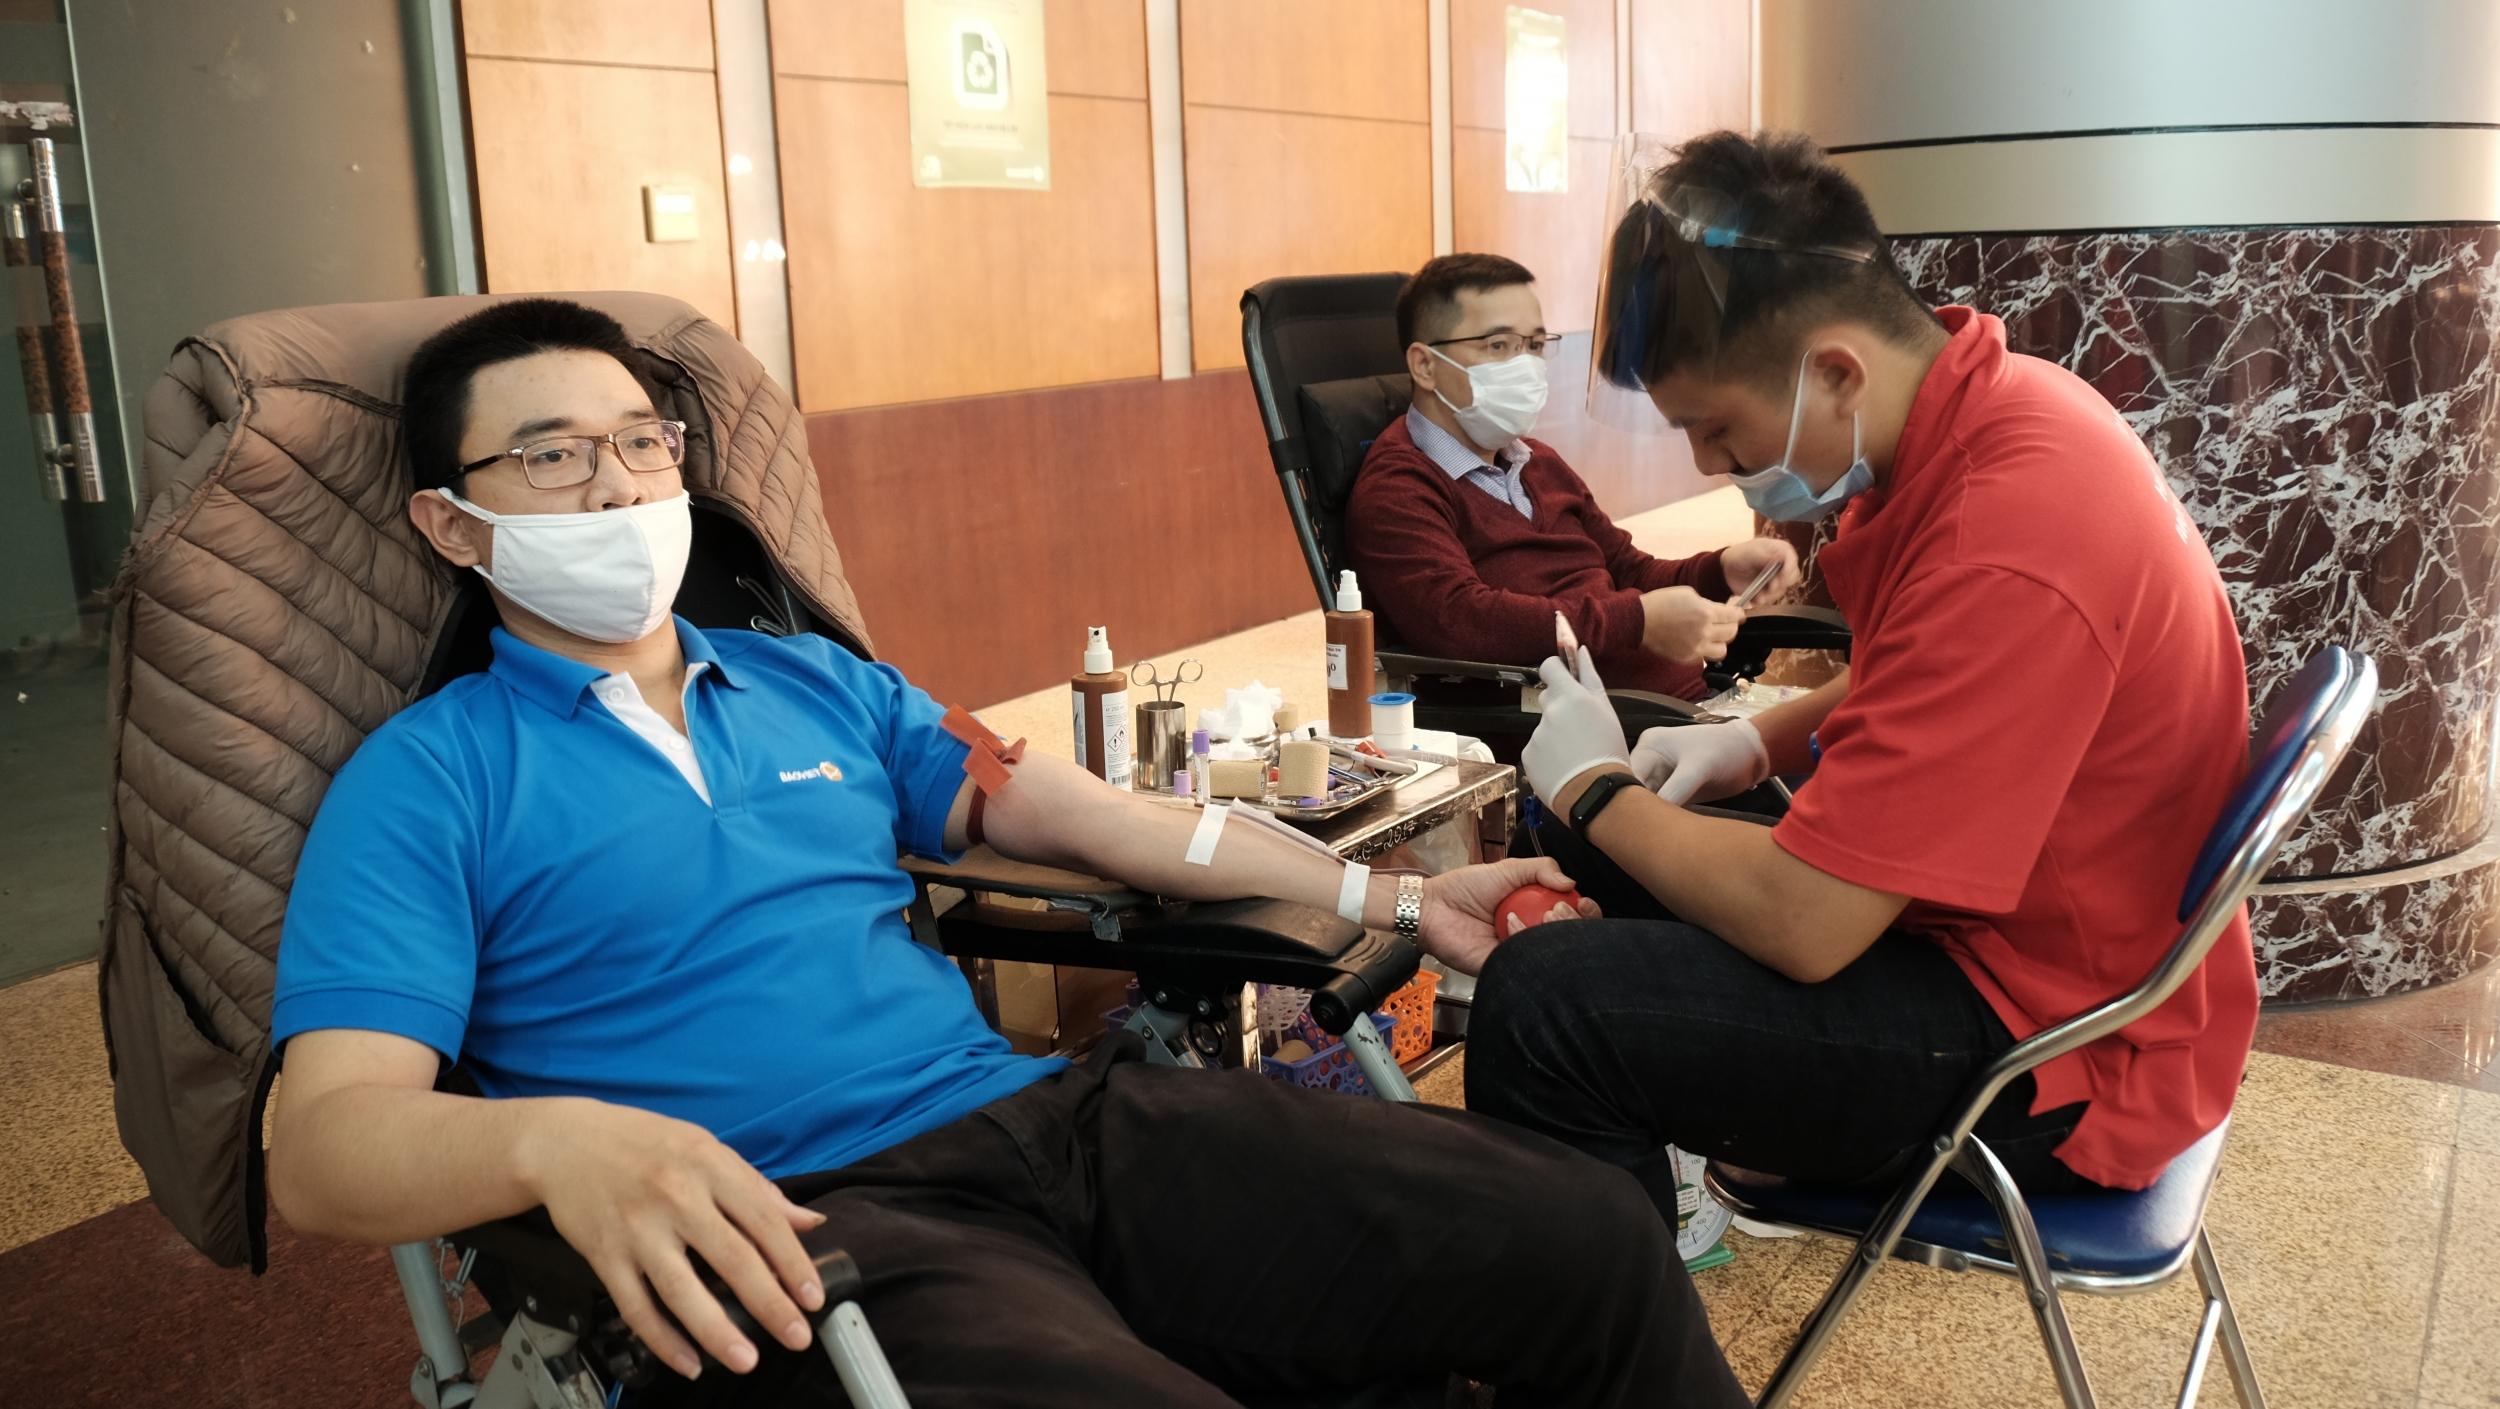 Bảo Việt phát triển bền vững, đồng hành cùng cộng đồng: 2.700 đơn vị máu đã được hiến cho người bệnh